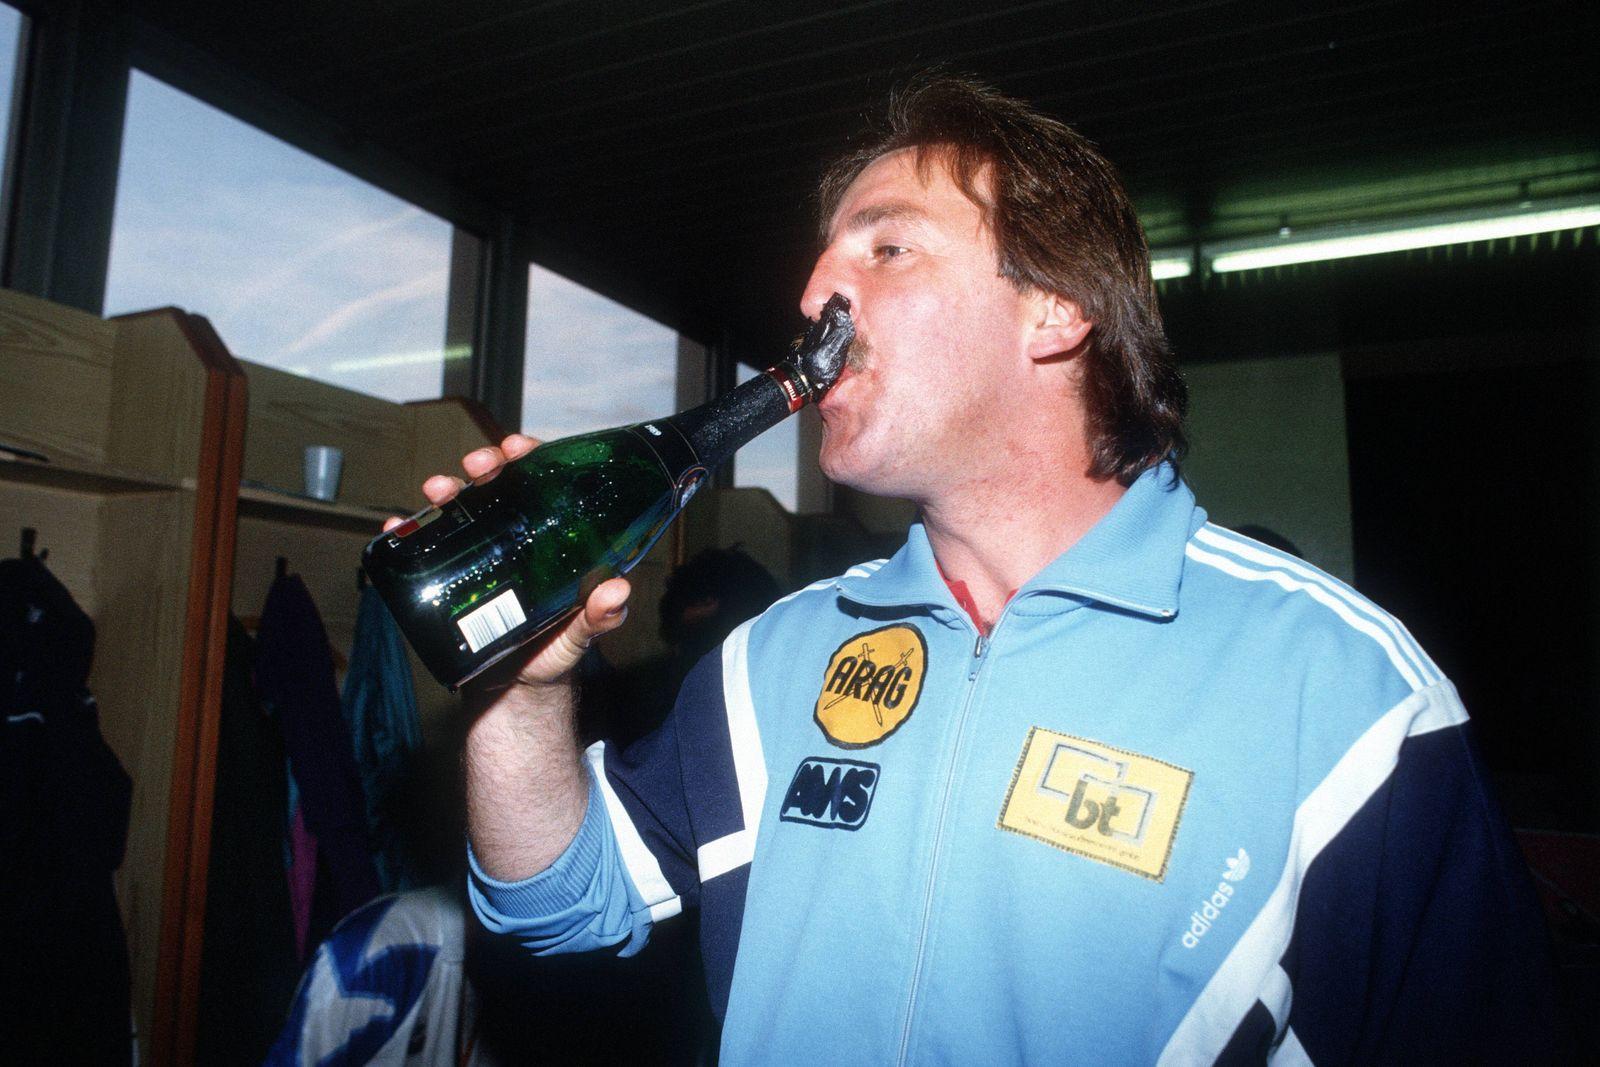 Der FC Hansa Rostock gewinnt den NOFV Pokal 1990 1991 die letzte Ausgabe des DDR FDGB Pokals Train